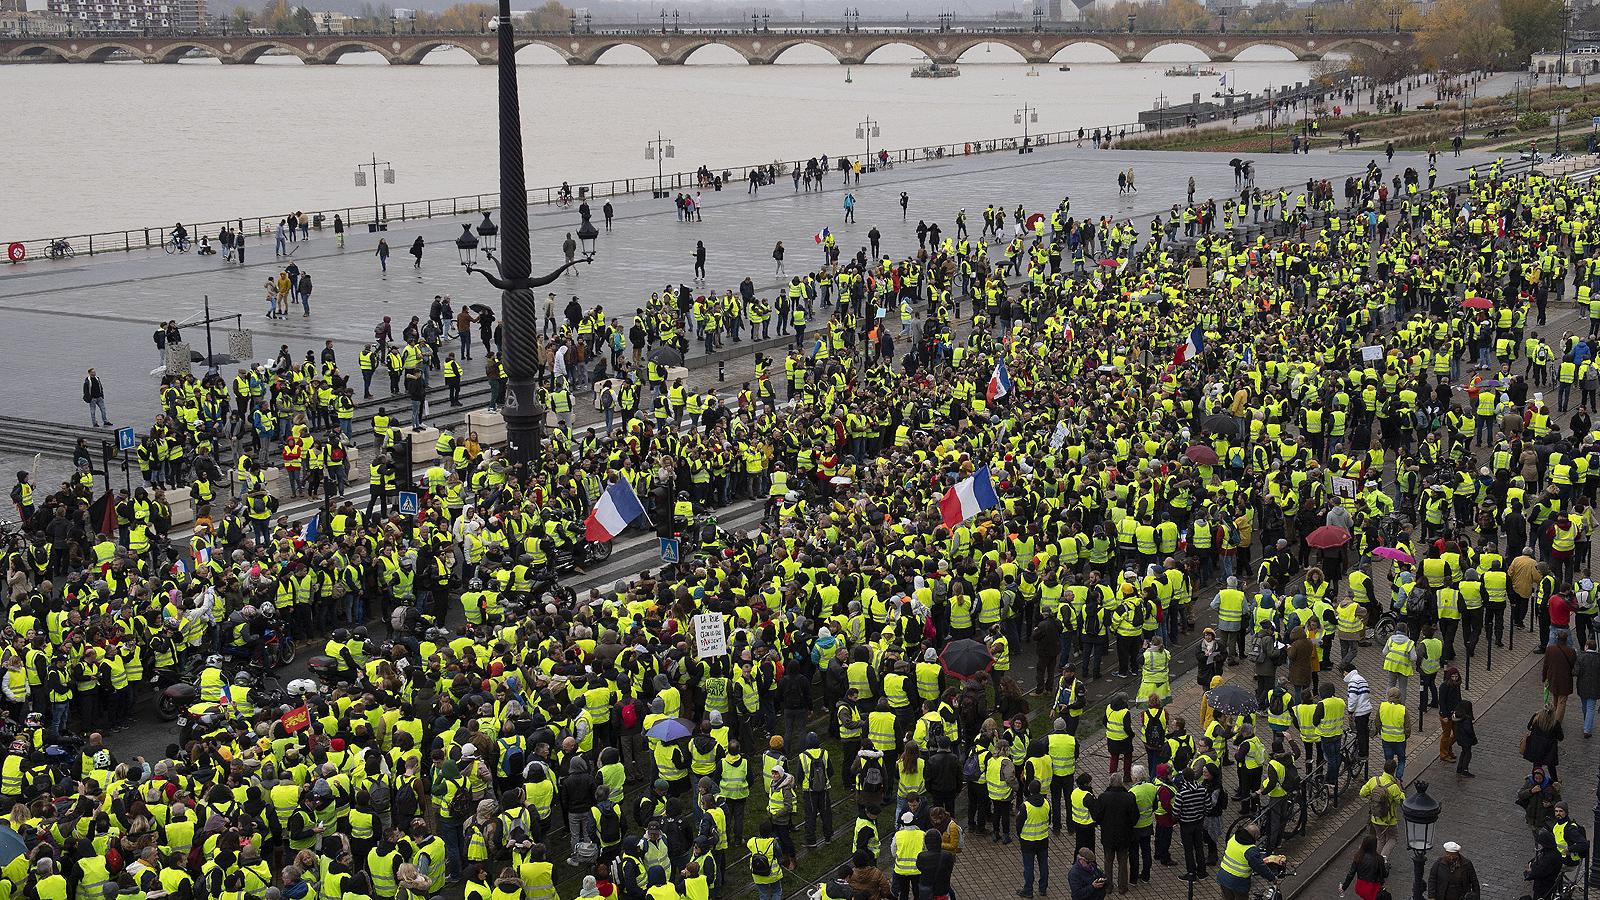 """Протестът във френската столица се провежда под надслова """"По пътя към оставката на Макрон"""". За трети пореден уикенд демонстрантите се опитаха да блокират района около емблематичния булевард """"Шанз Елизе"""" въпреки засиленото полицейско присъствие.<br /> Премиерът на Франция Едуар Филип заяви, че 36 000 души са излезли на протест в цялата страна, включително 5 000 демонстранти в Париж"""